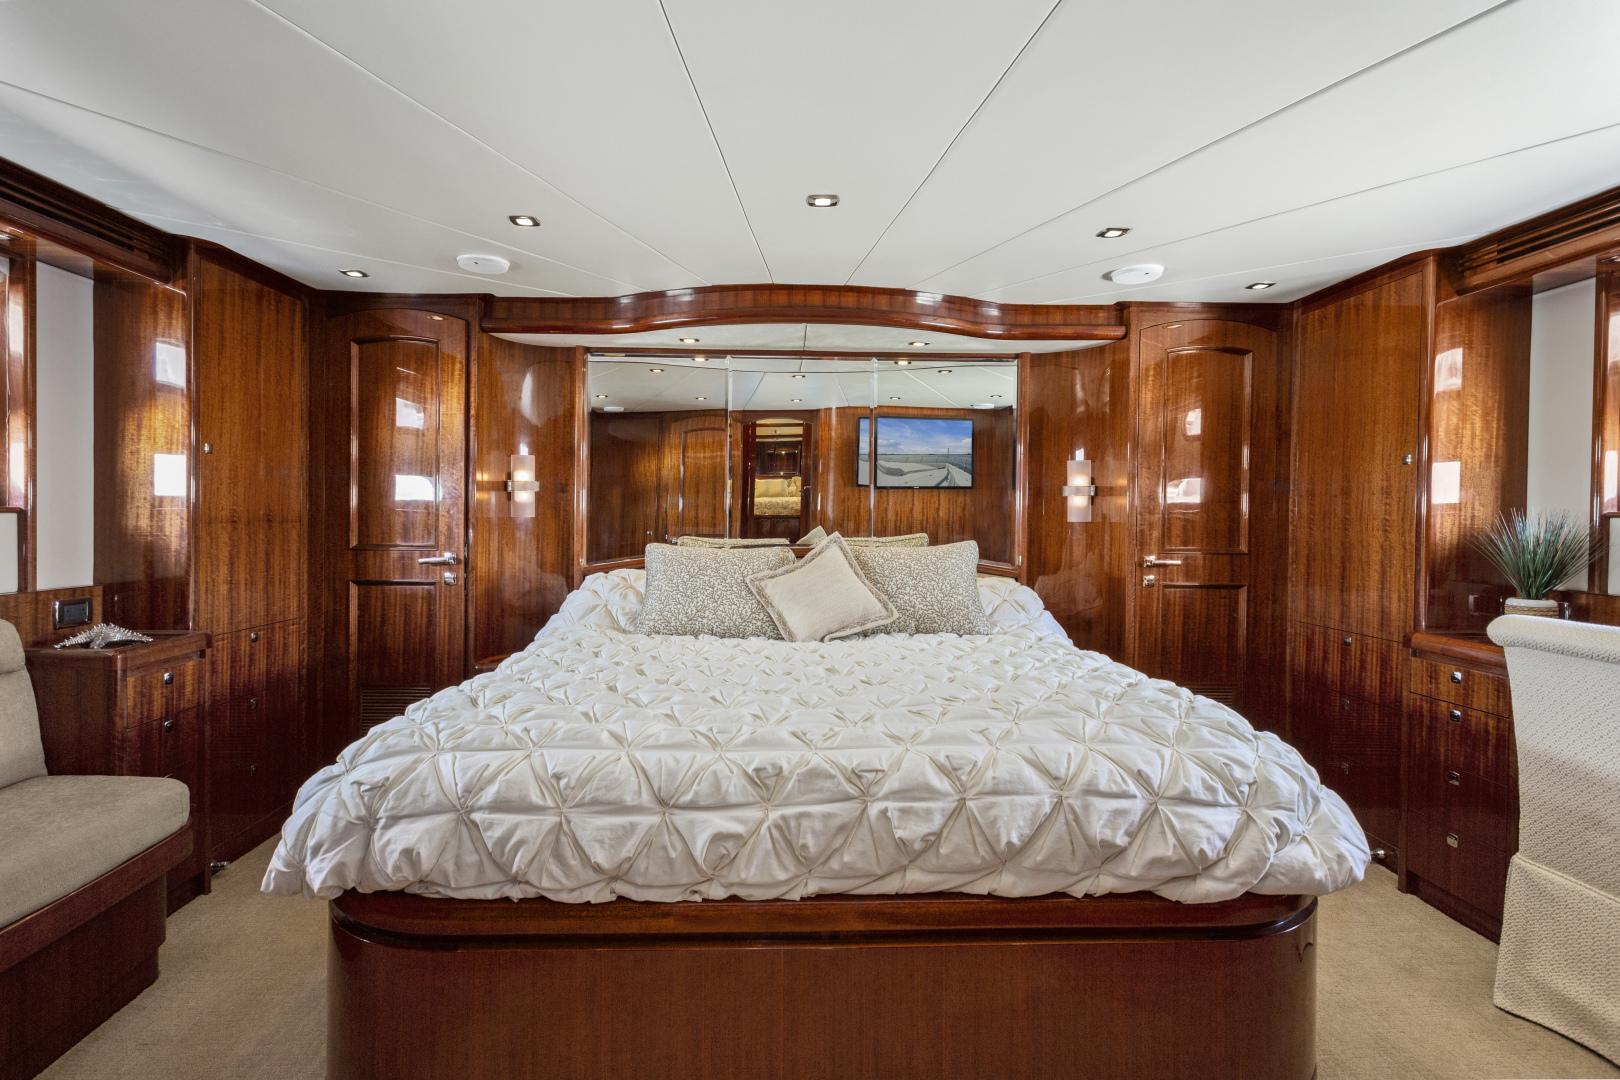 Hampton-76 Skylounge Motoryacht 2014-ODYSEA San Diego-California-United States-MASTER STATEROOM-1165163 | Thumbnail